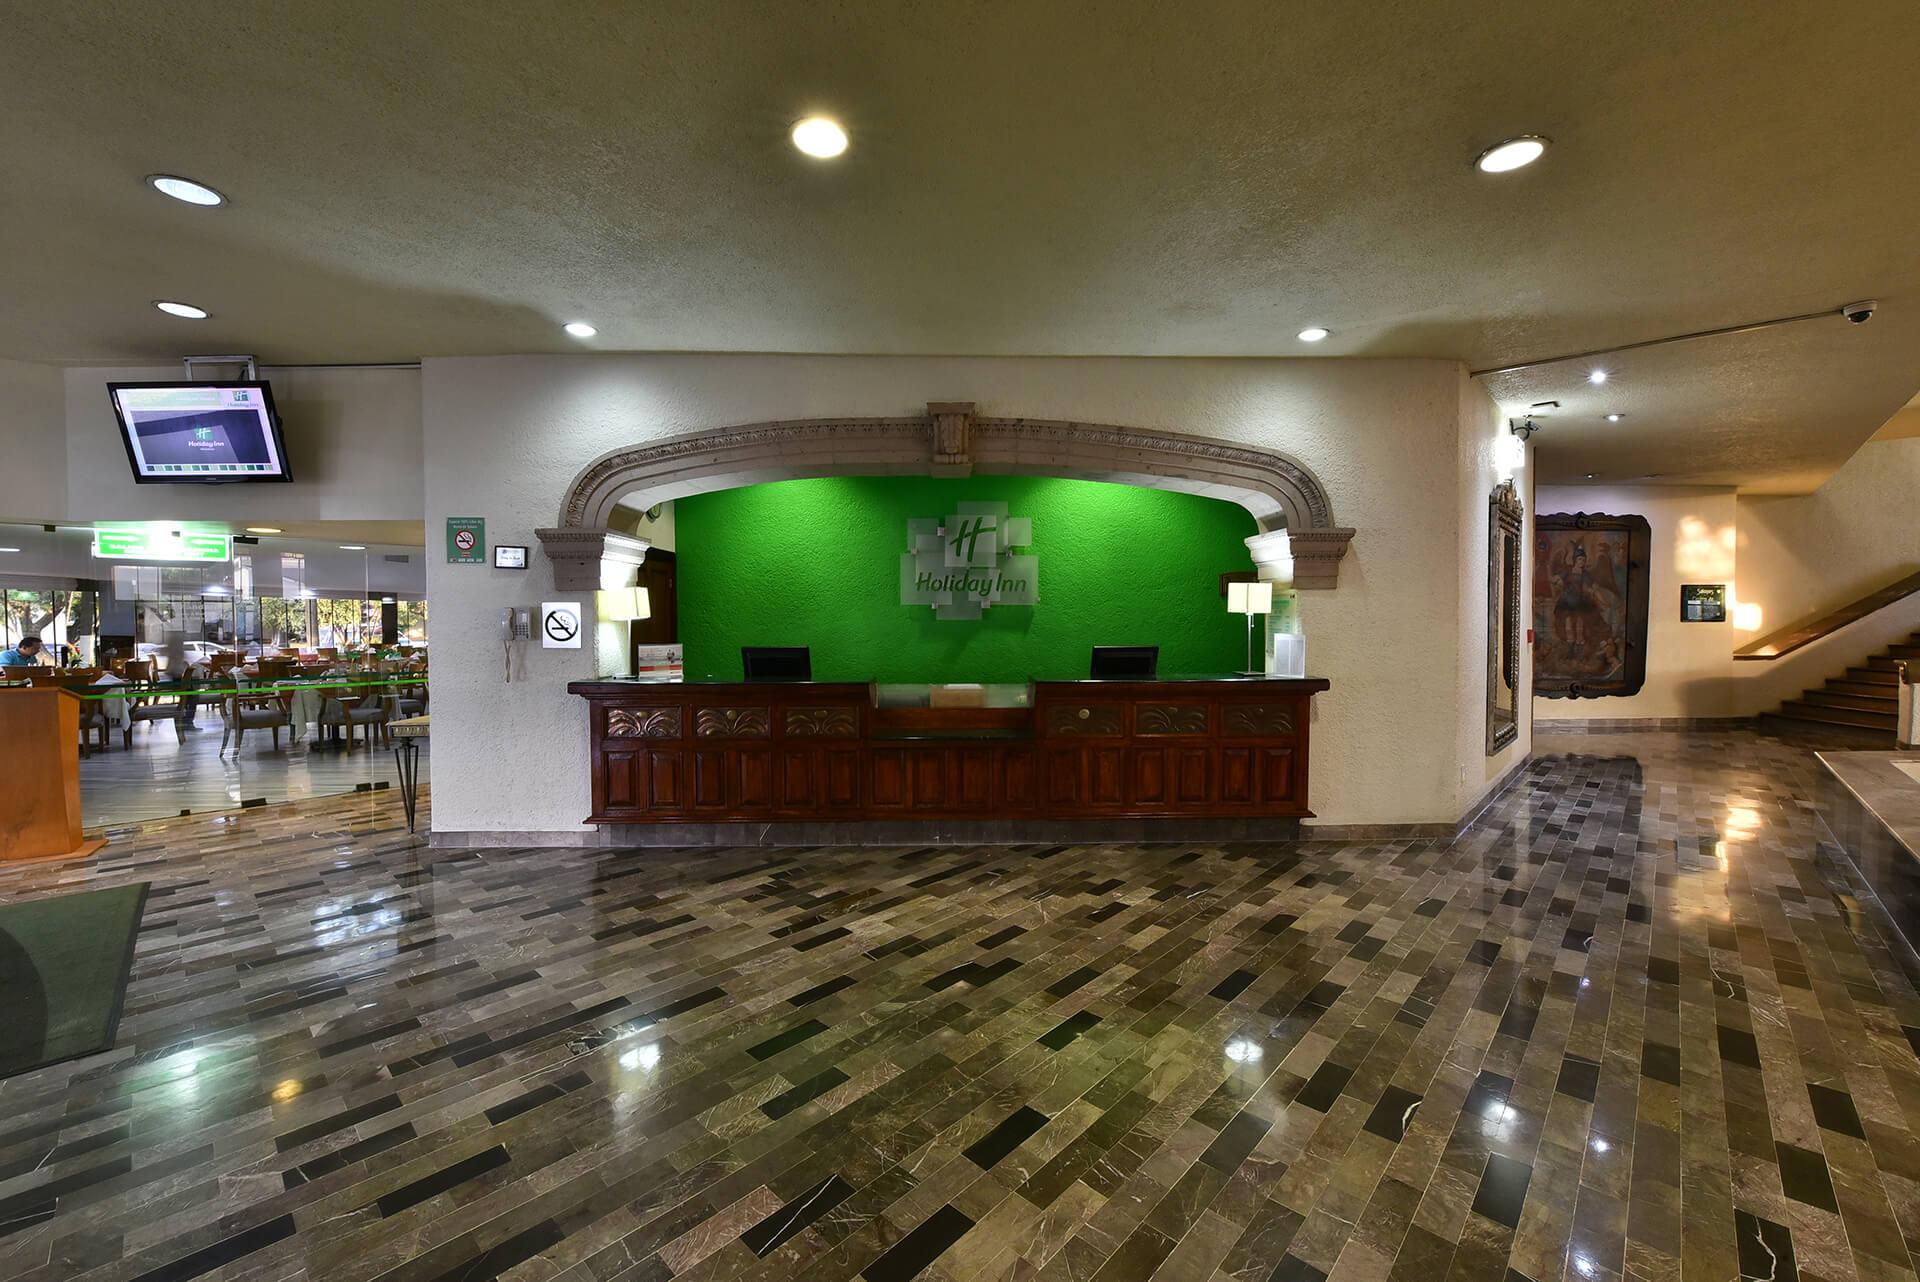 Holiday Inn Morelia - Imagen 5